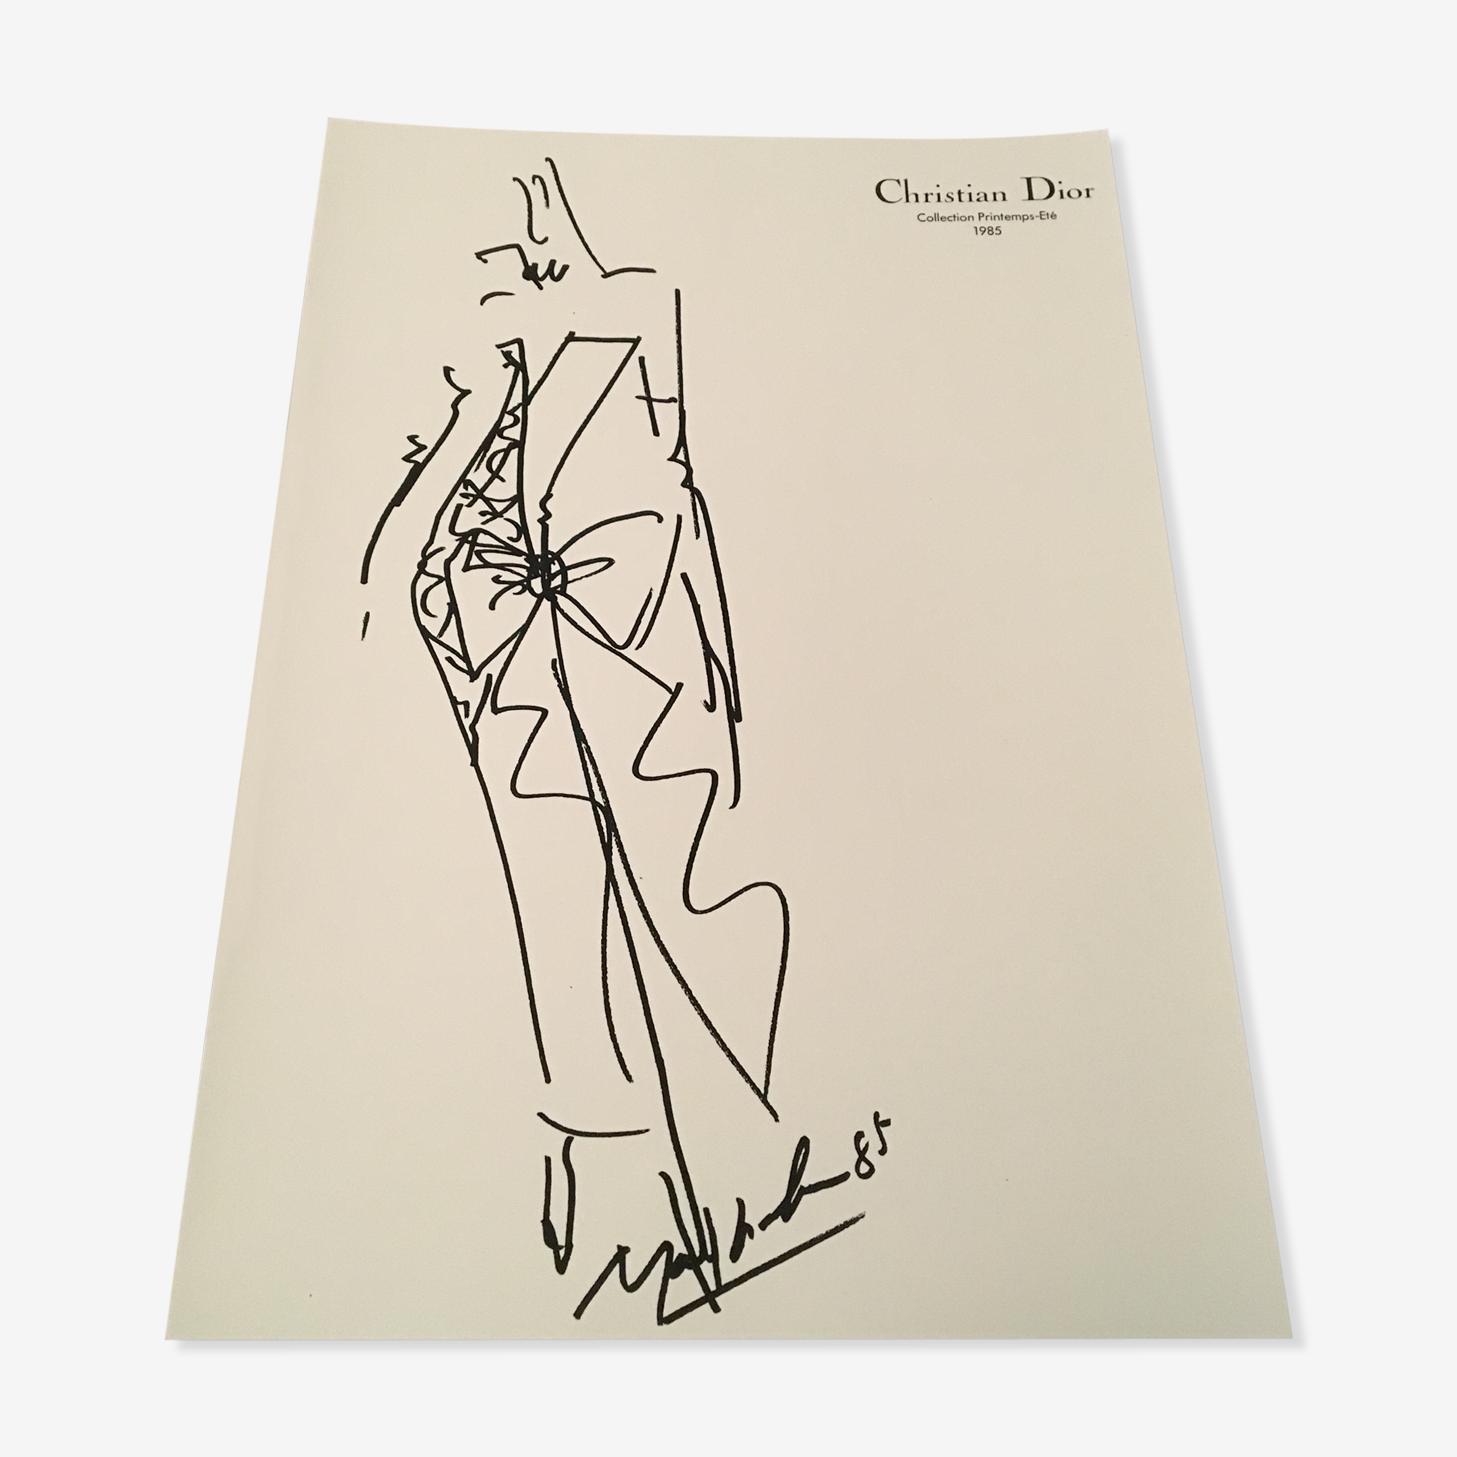 Illustration de mode et photographie vintage originale de presse Christian Dior des années 80